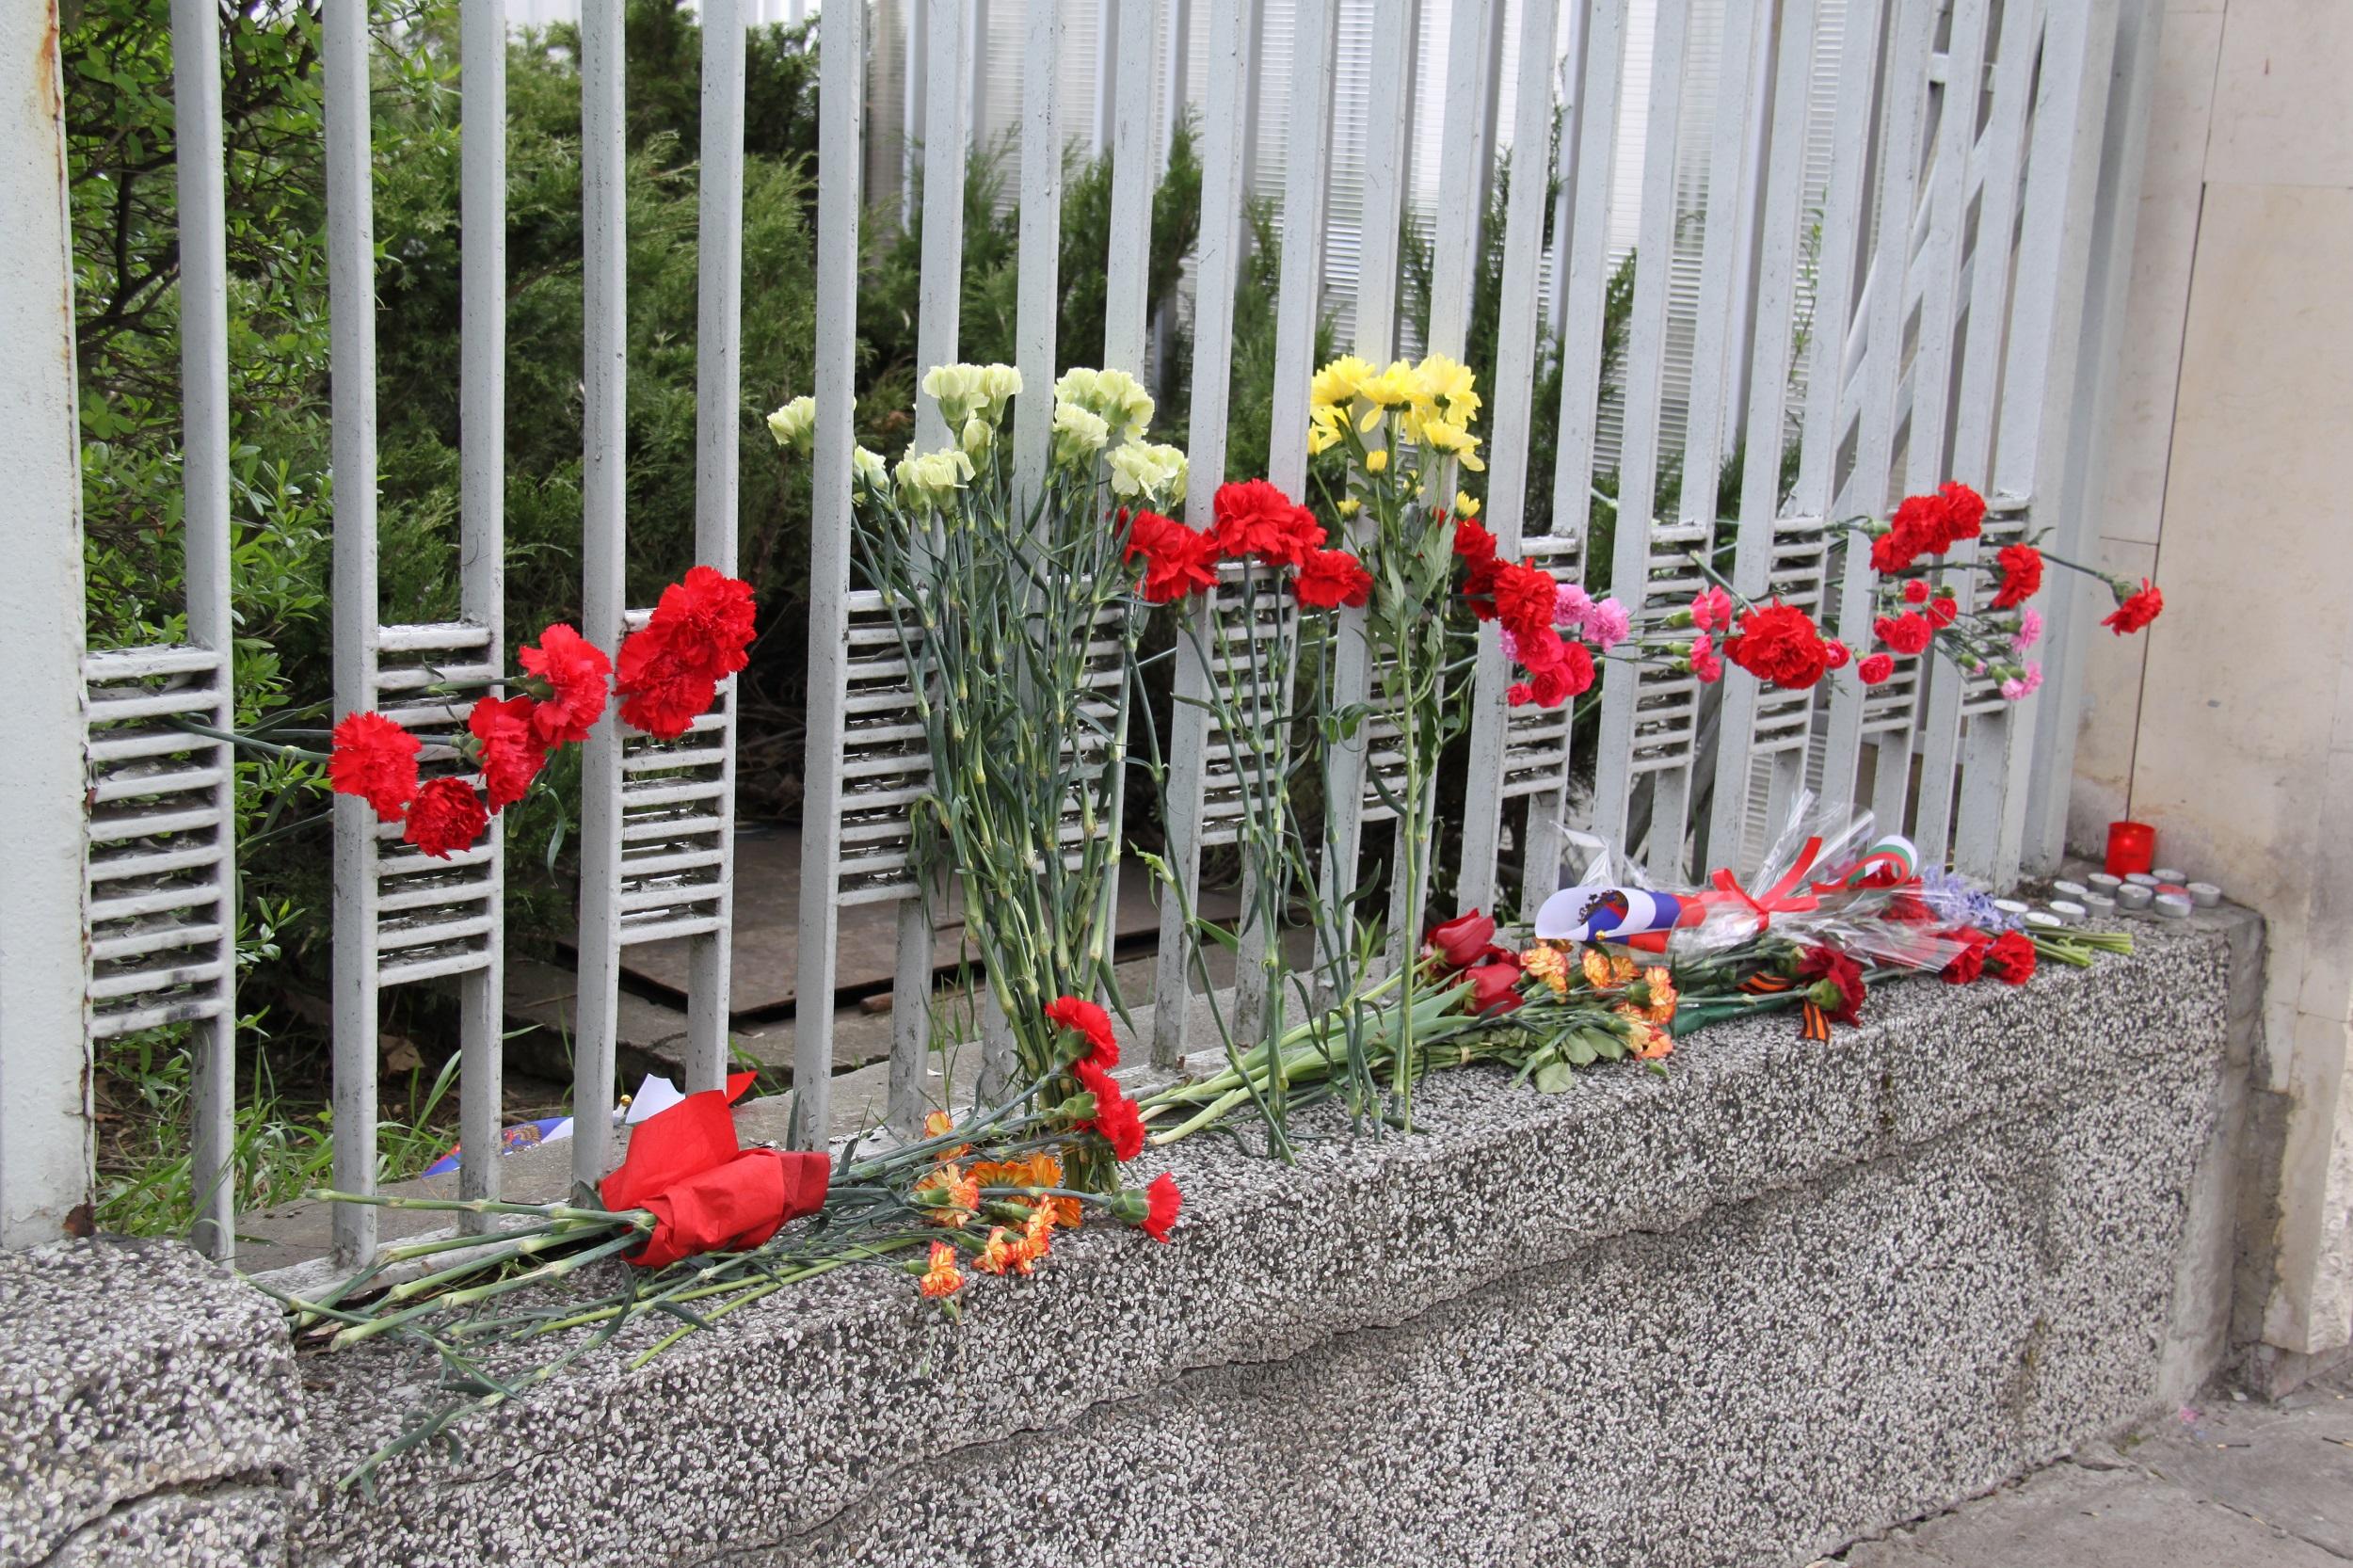 Цветя и свещи на оградата на Посолството на Руската федерация в България в памет на загиналите при терористичния акт в метрото на Санкт Петербург. Снимка: Десислава Бонева